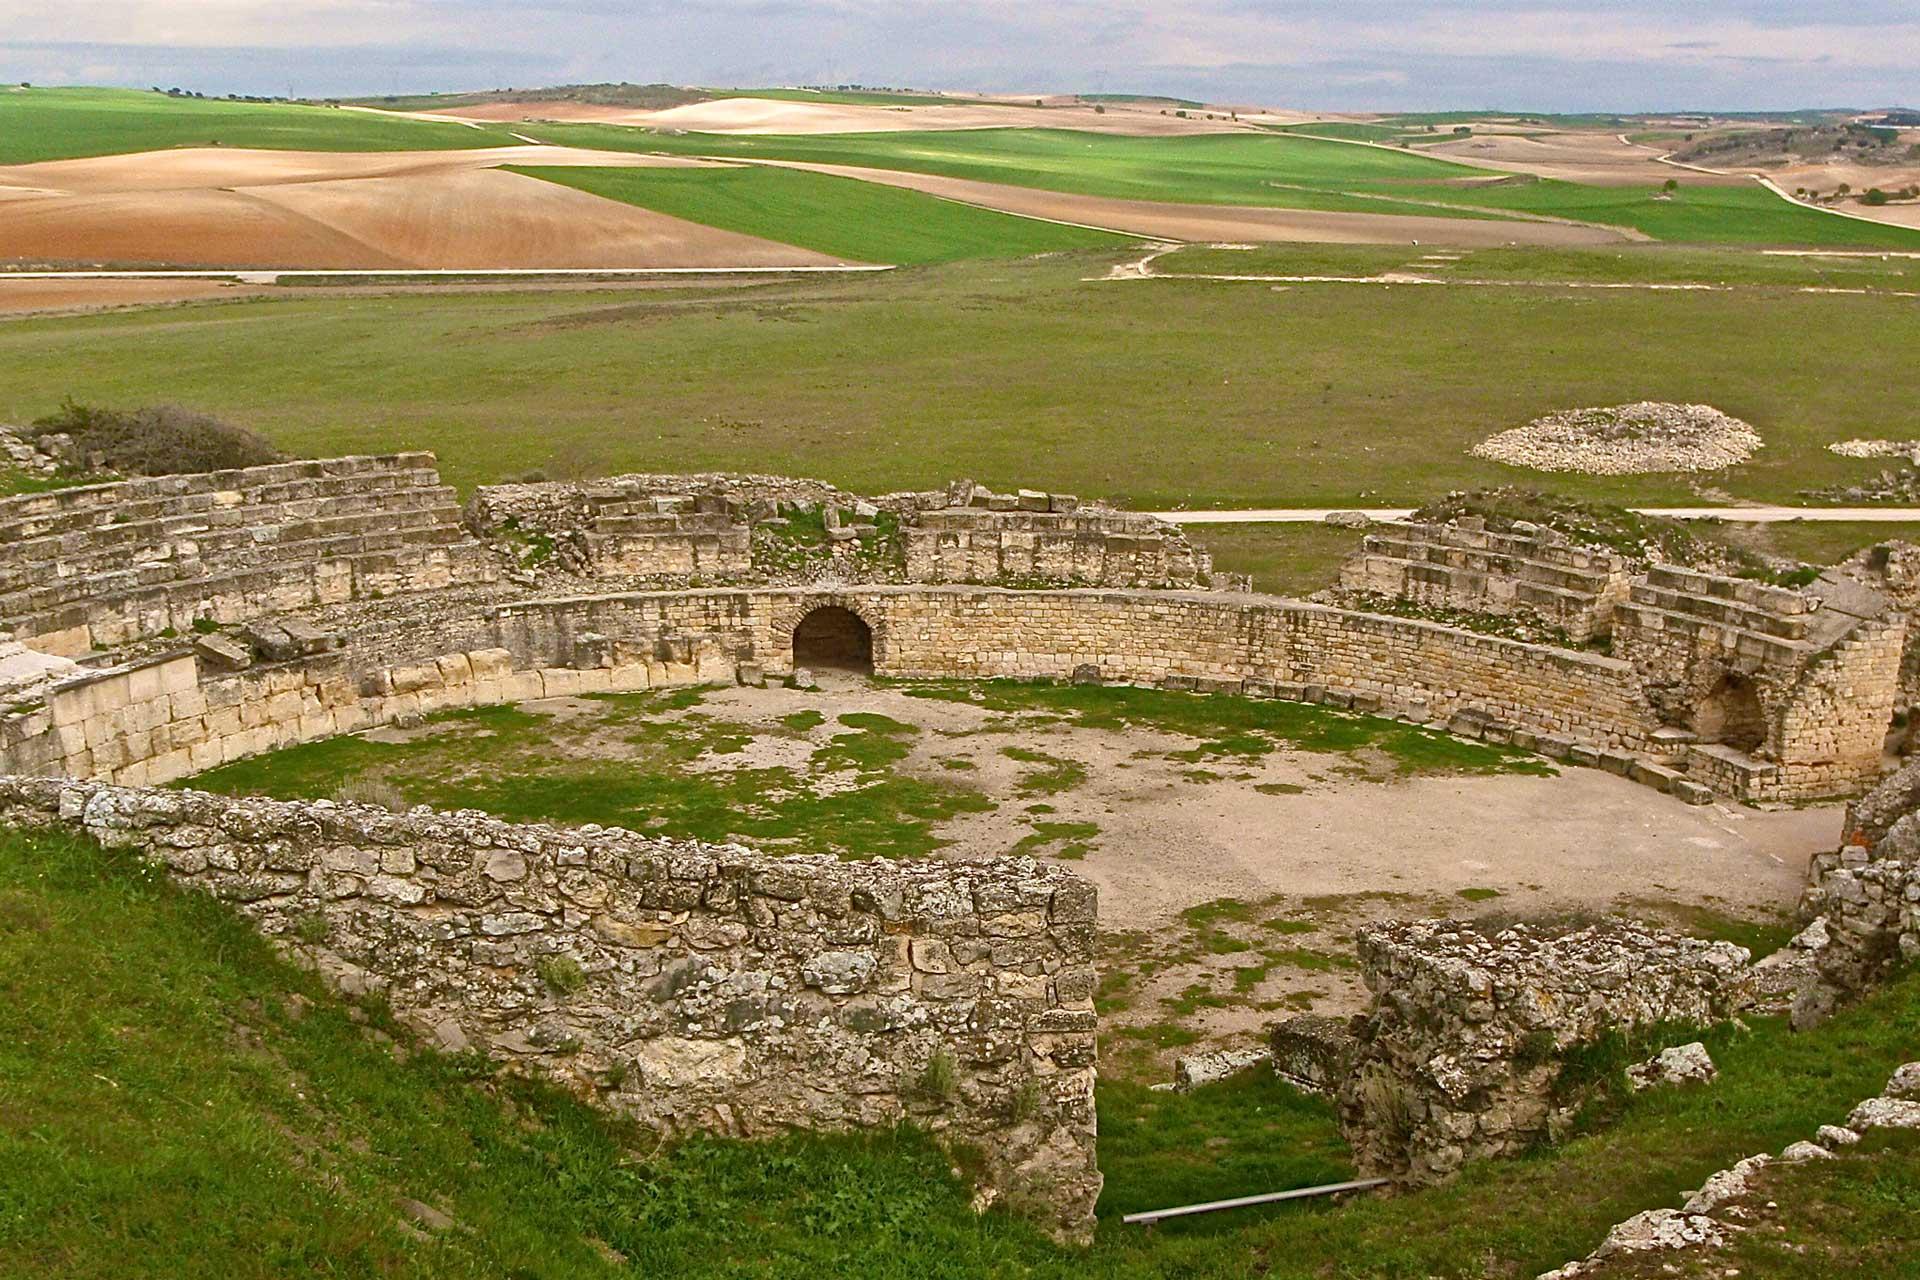 Anfiteatro romano del Parque Arqueológico de Segóbriga en la localidad de Saelices, Cuenca